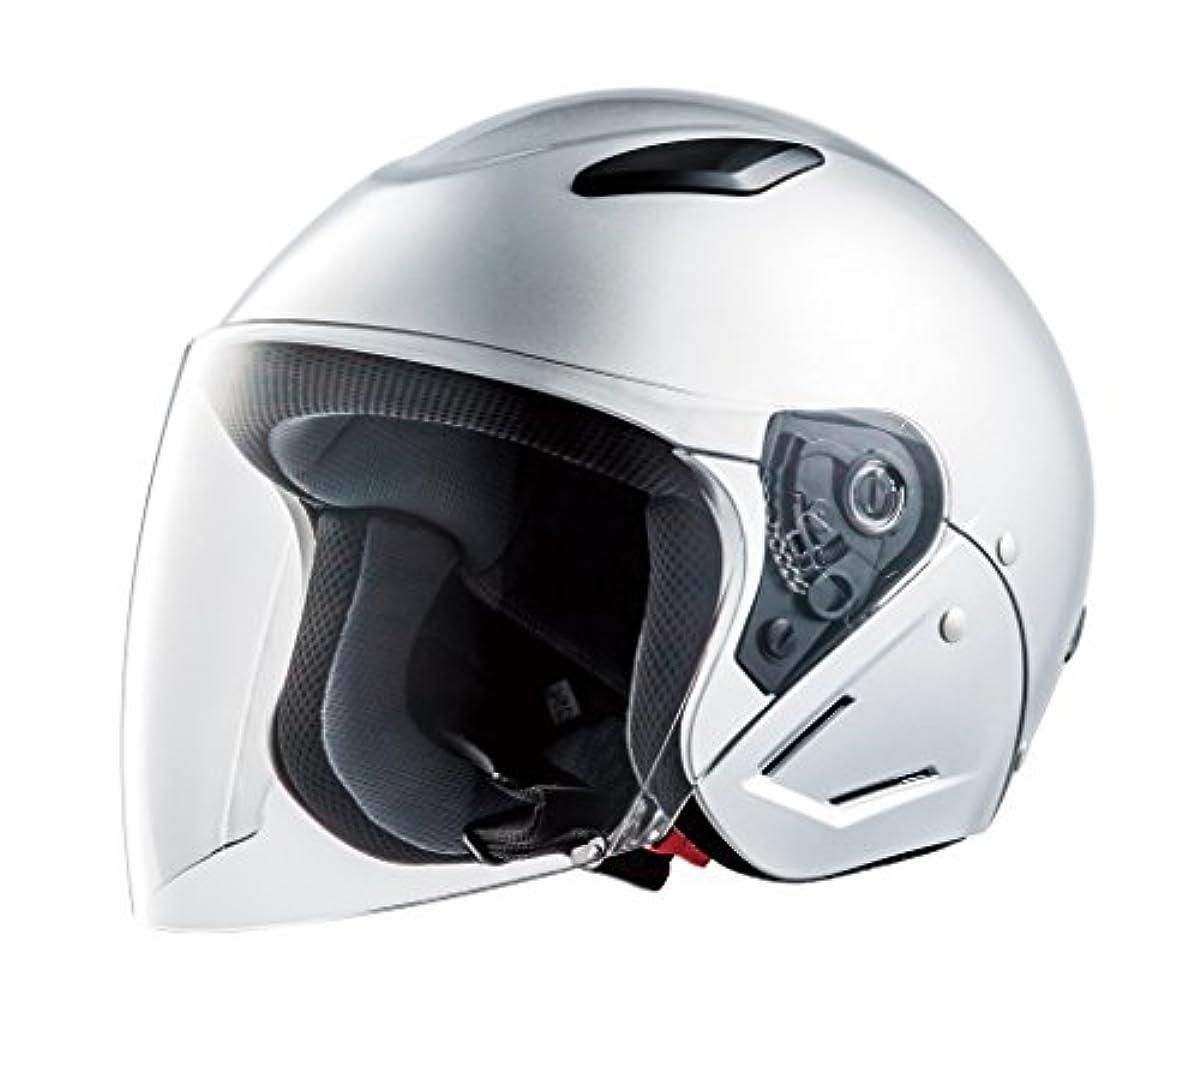 [해외] CEPTOO (세푸토) 오토바이용 헬멧 제트 실버 프리 사이즈 GC-7